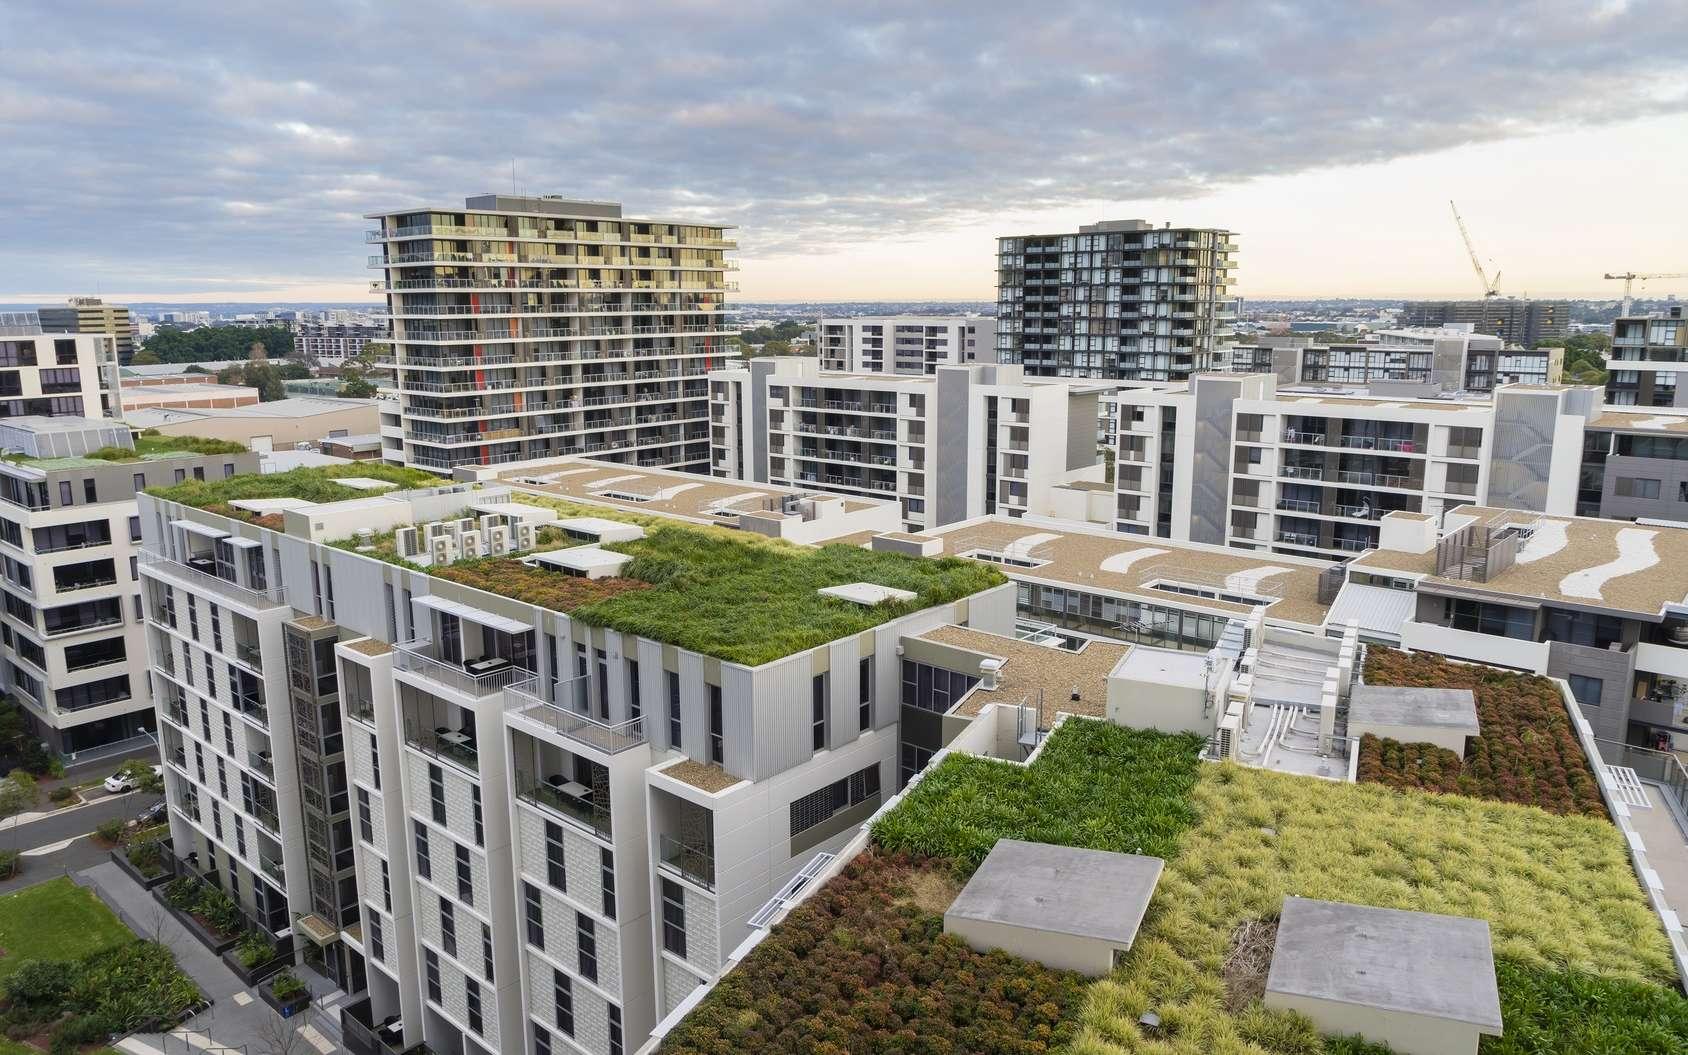 Les toits végétalisés ont de nombreux avantages. Ils participent par exemple à l'isolation du bâtiment. © sunflowerey, Fotolia